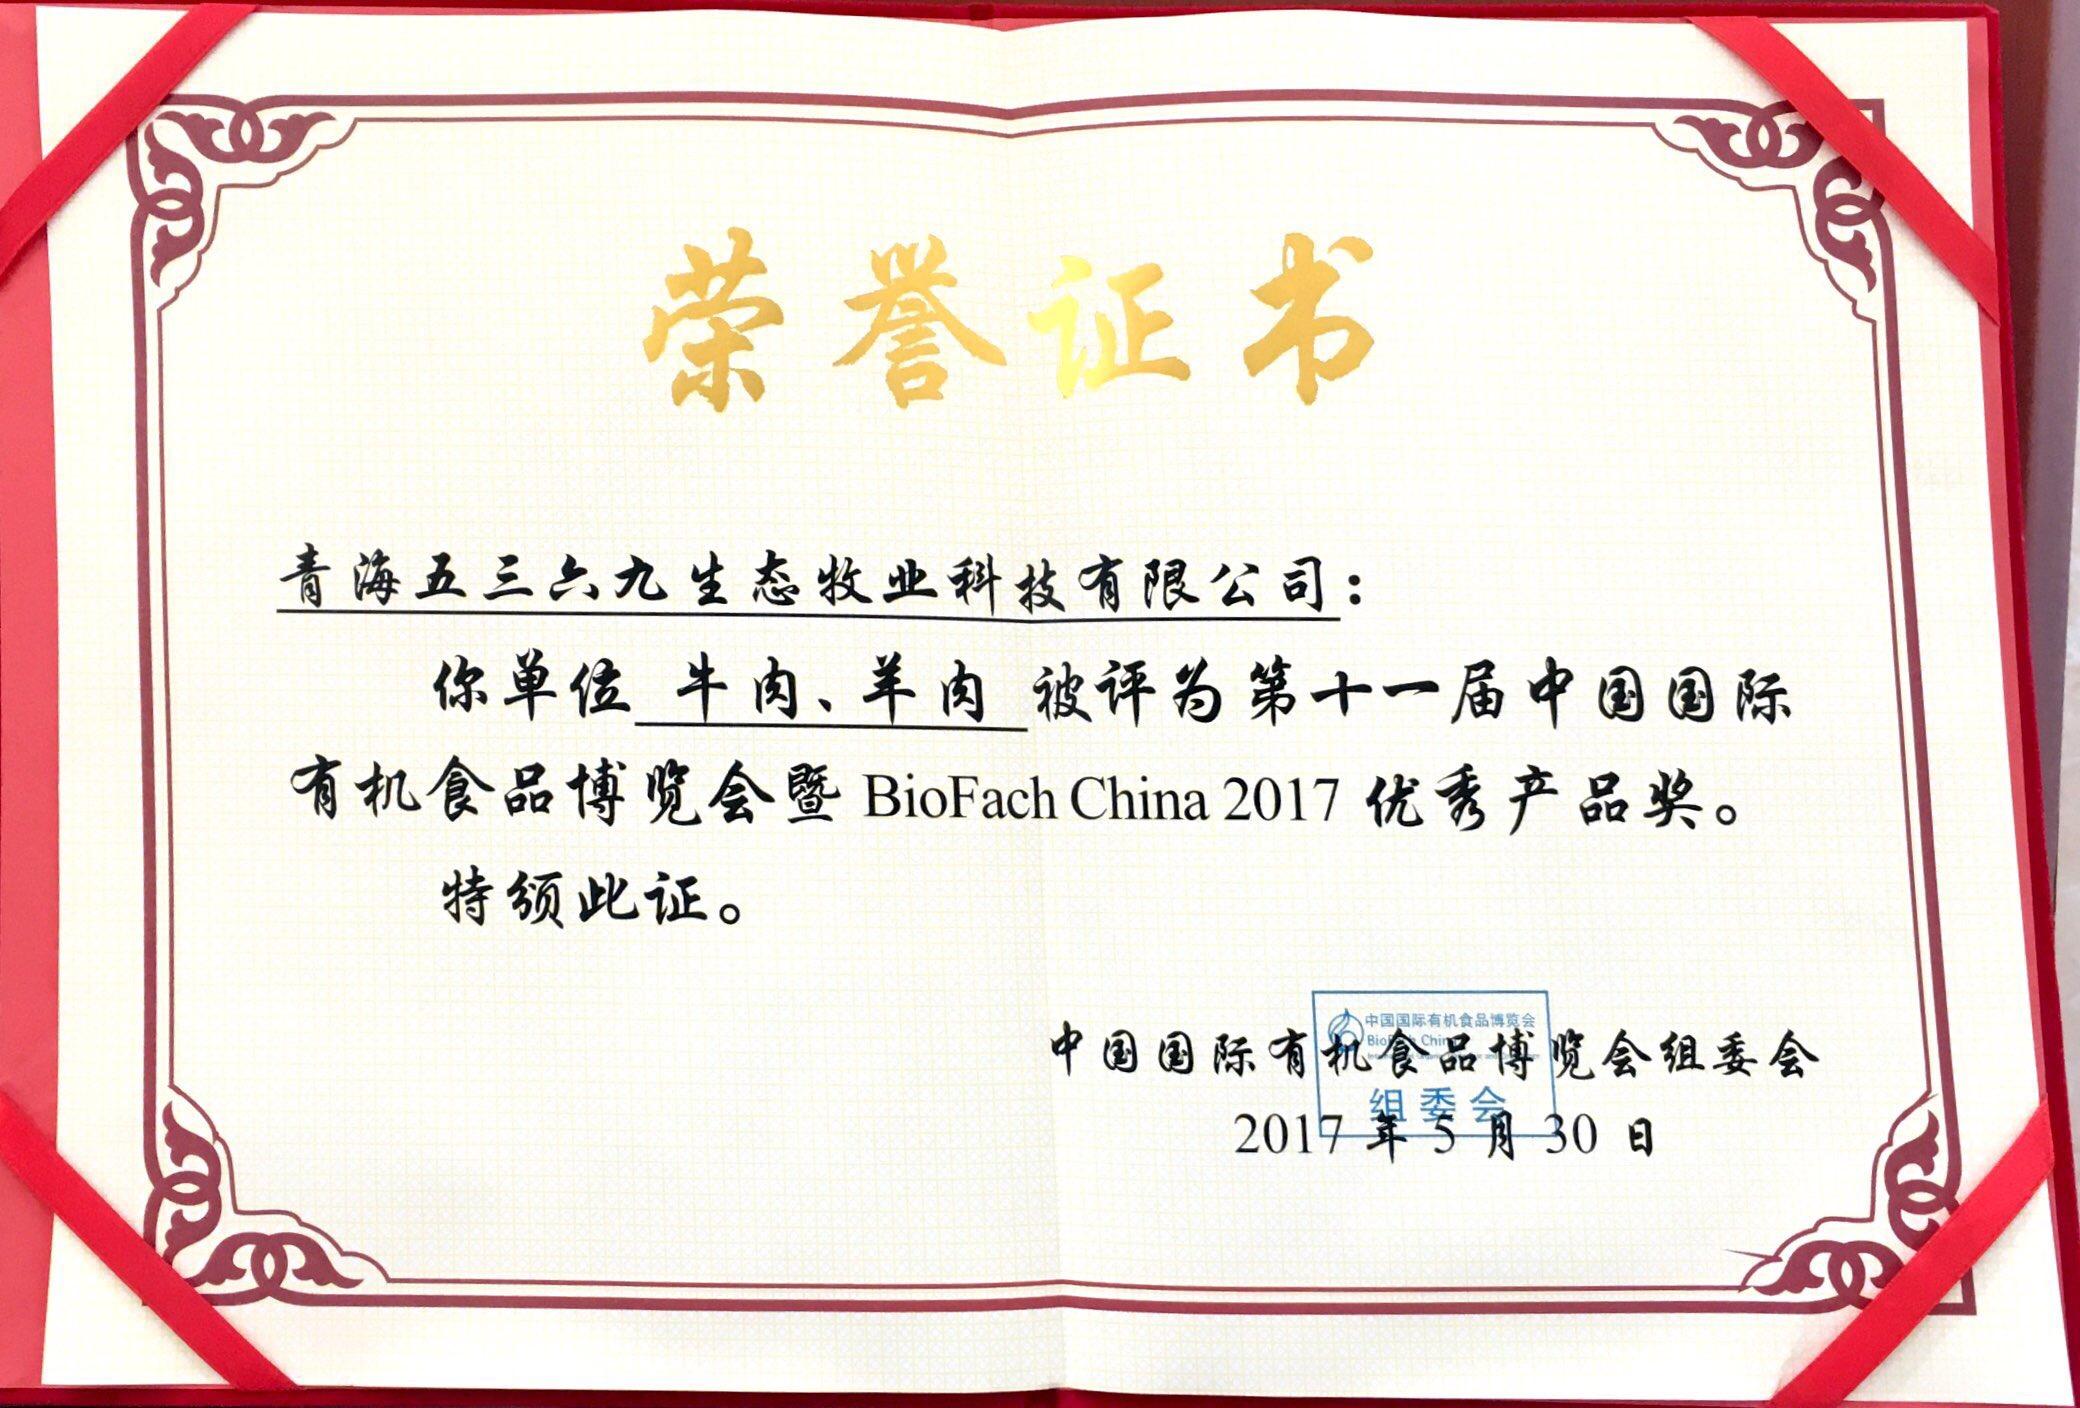 第十一届中国国际有机食品博览会优秀产品